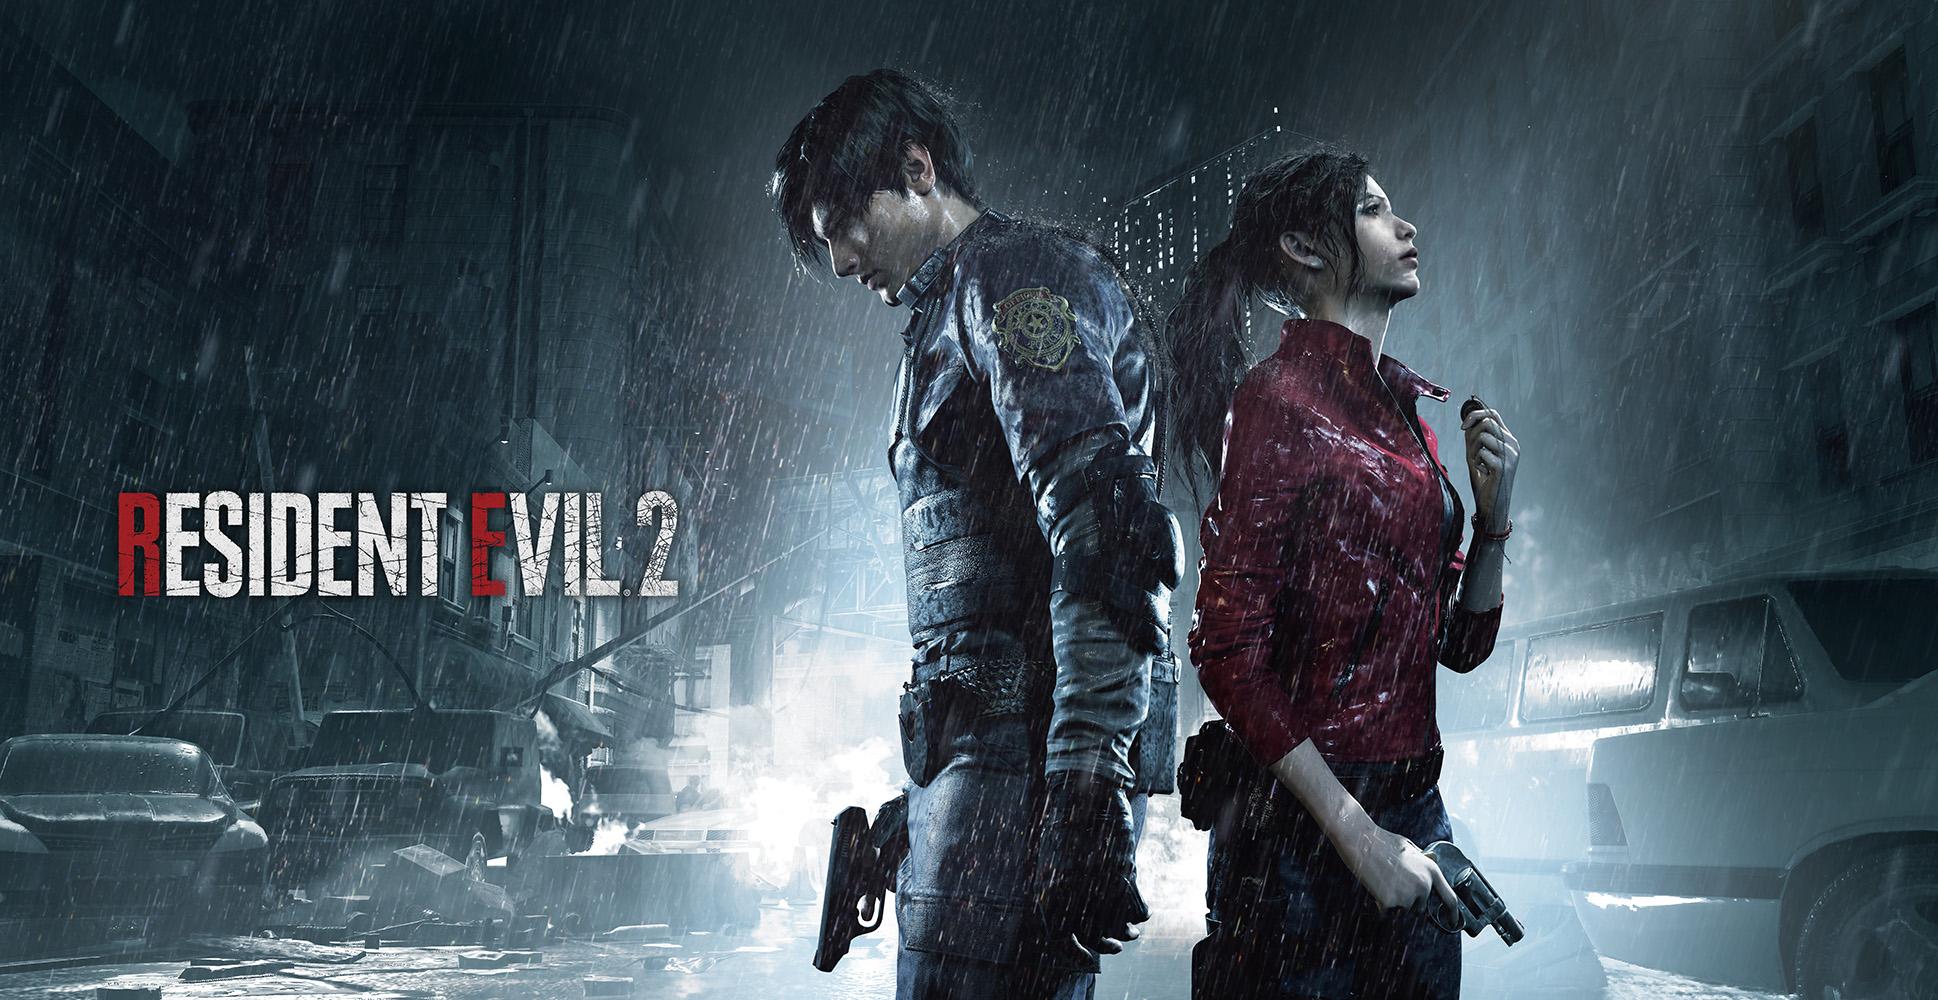 New Resident Evil 2 Screenshots Revealed